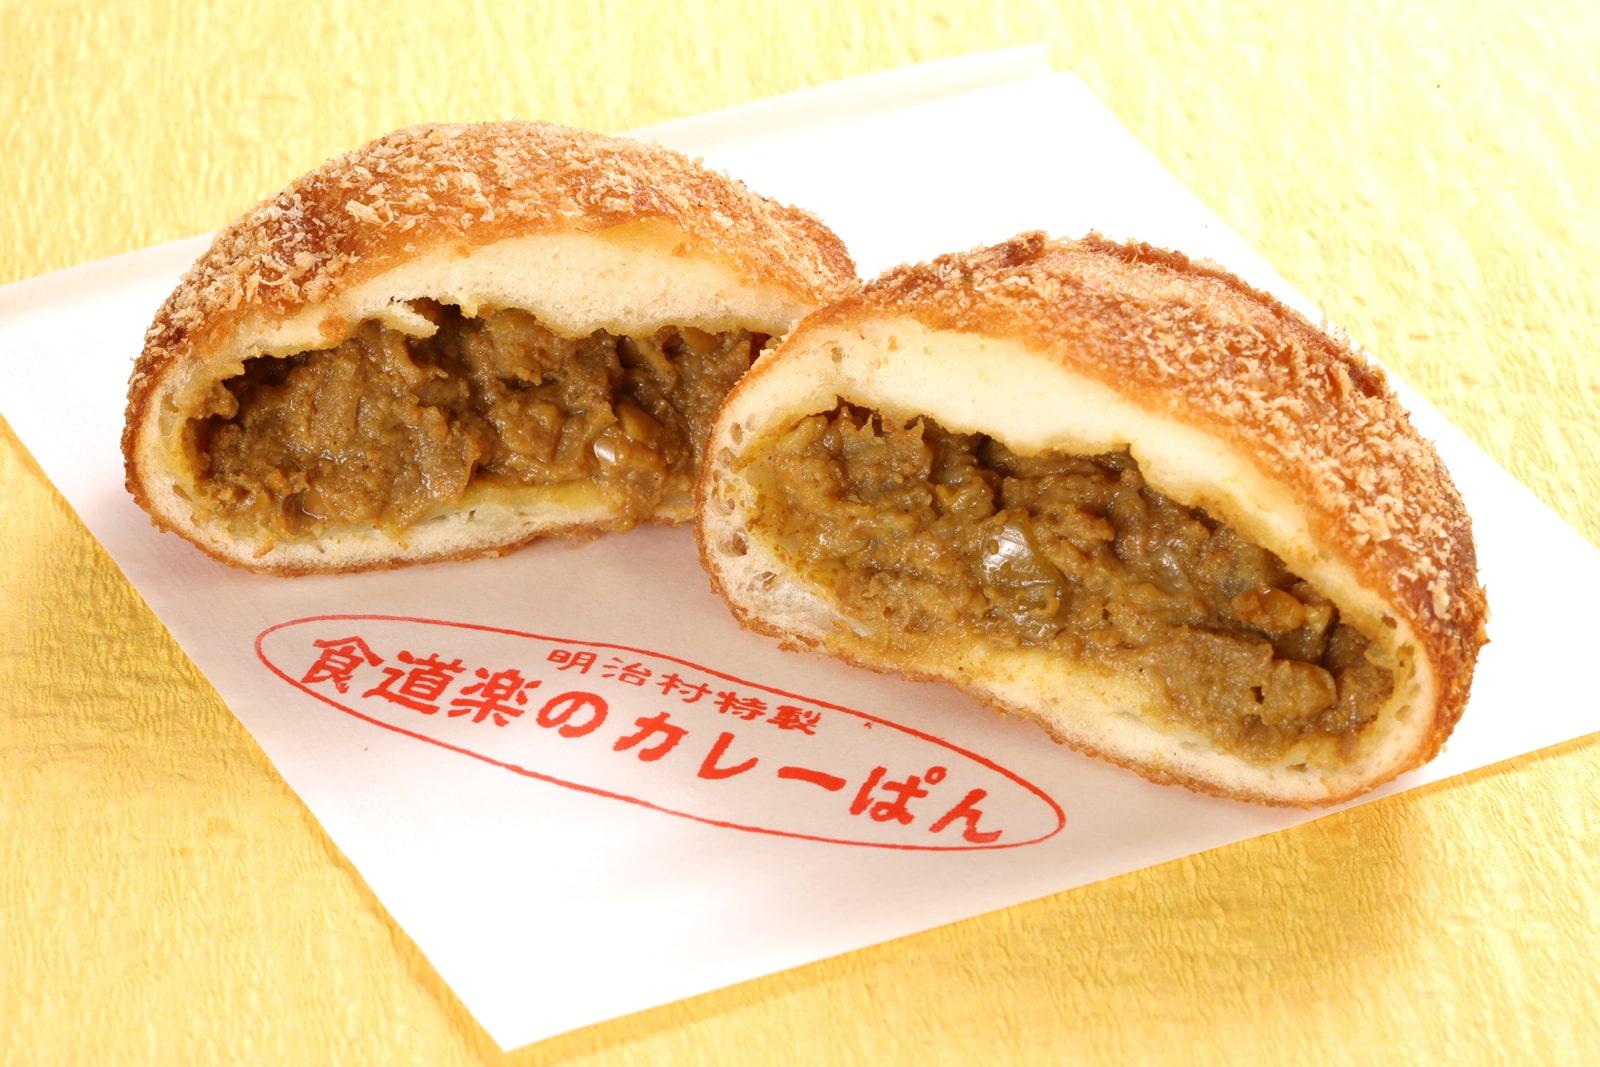 食道楽のカレーぱん / 300円